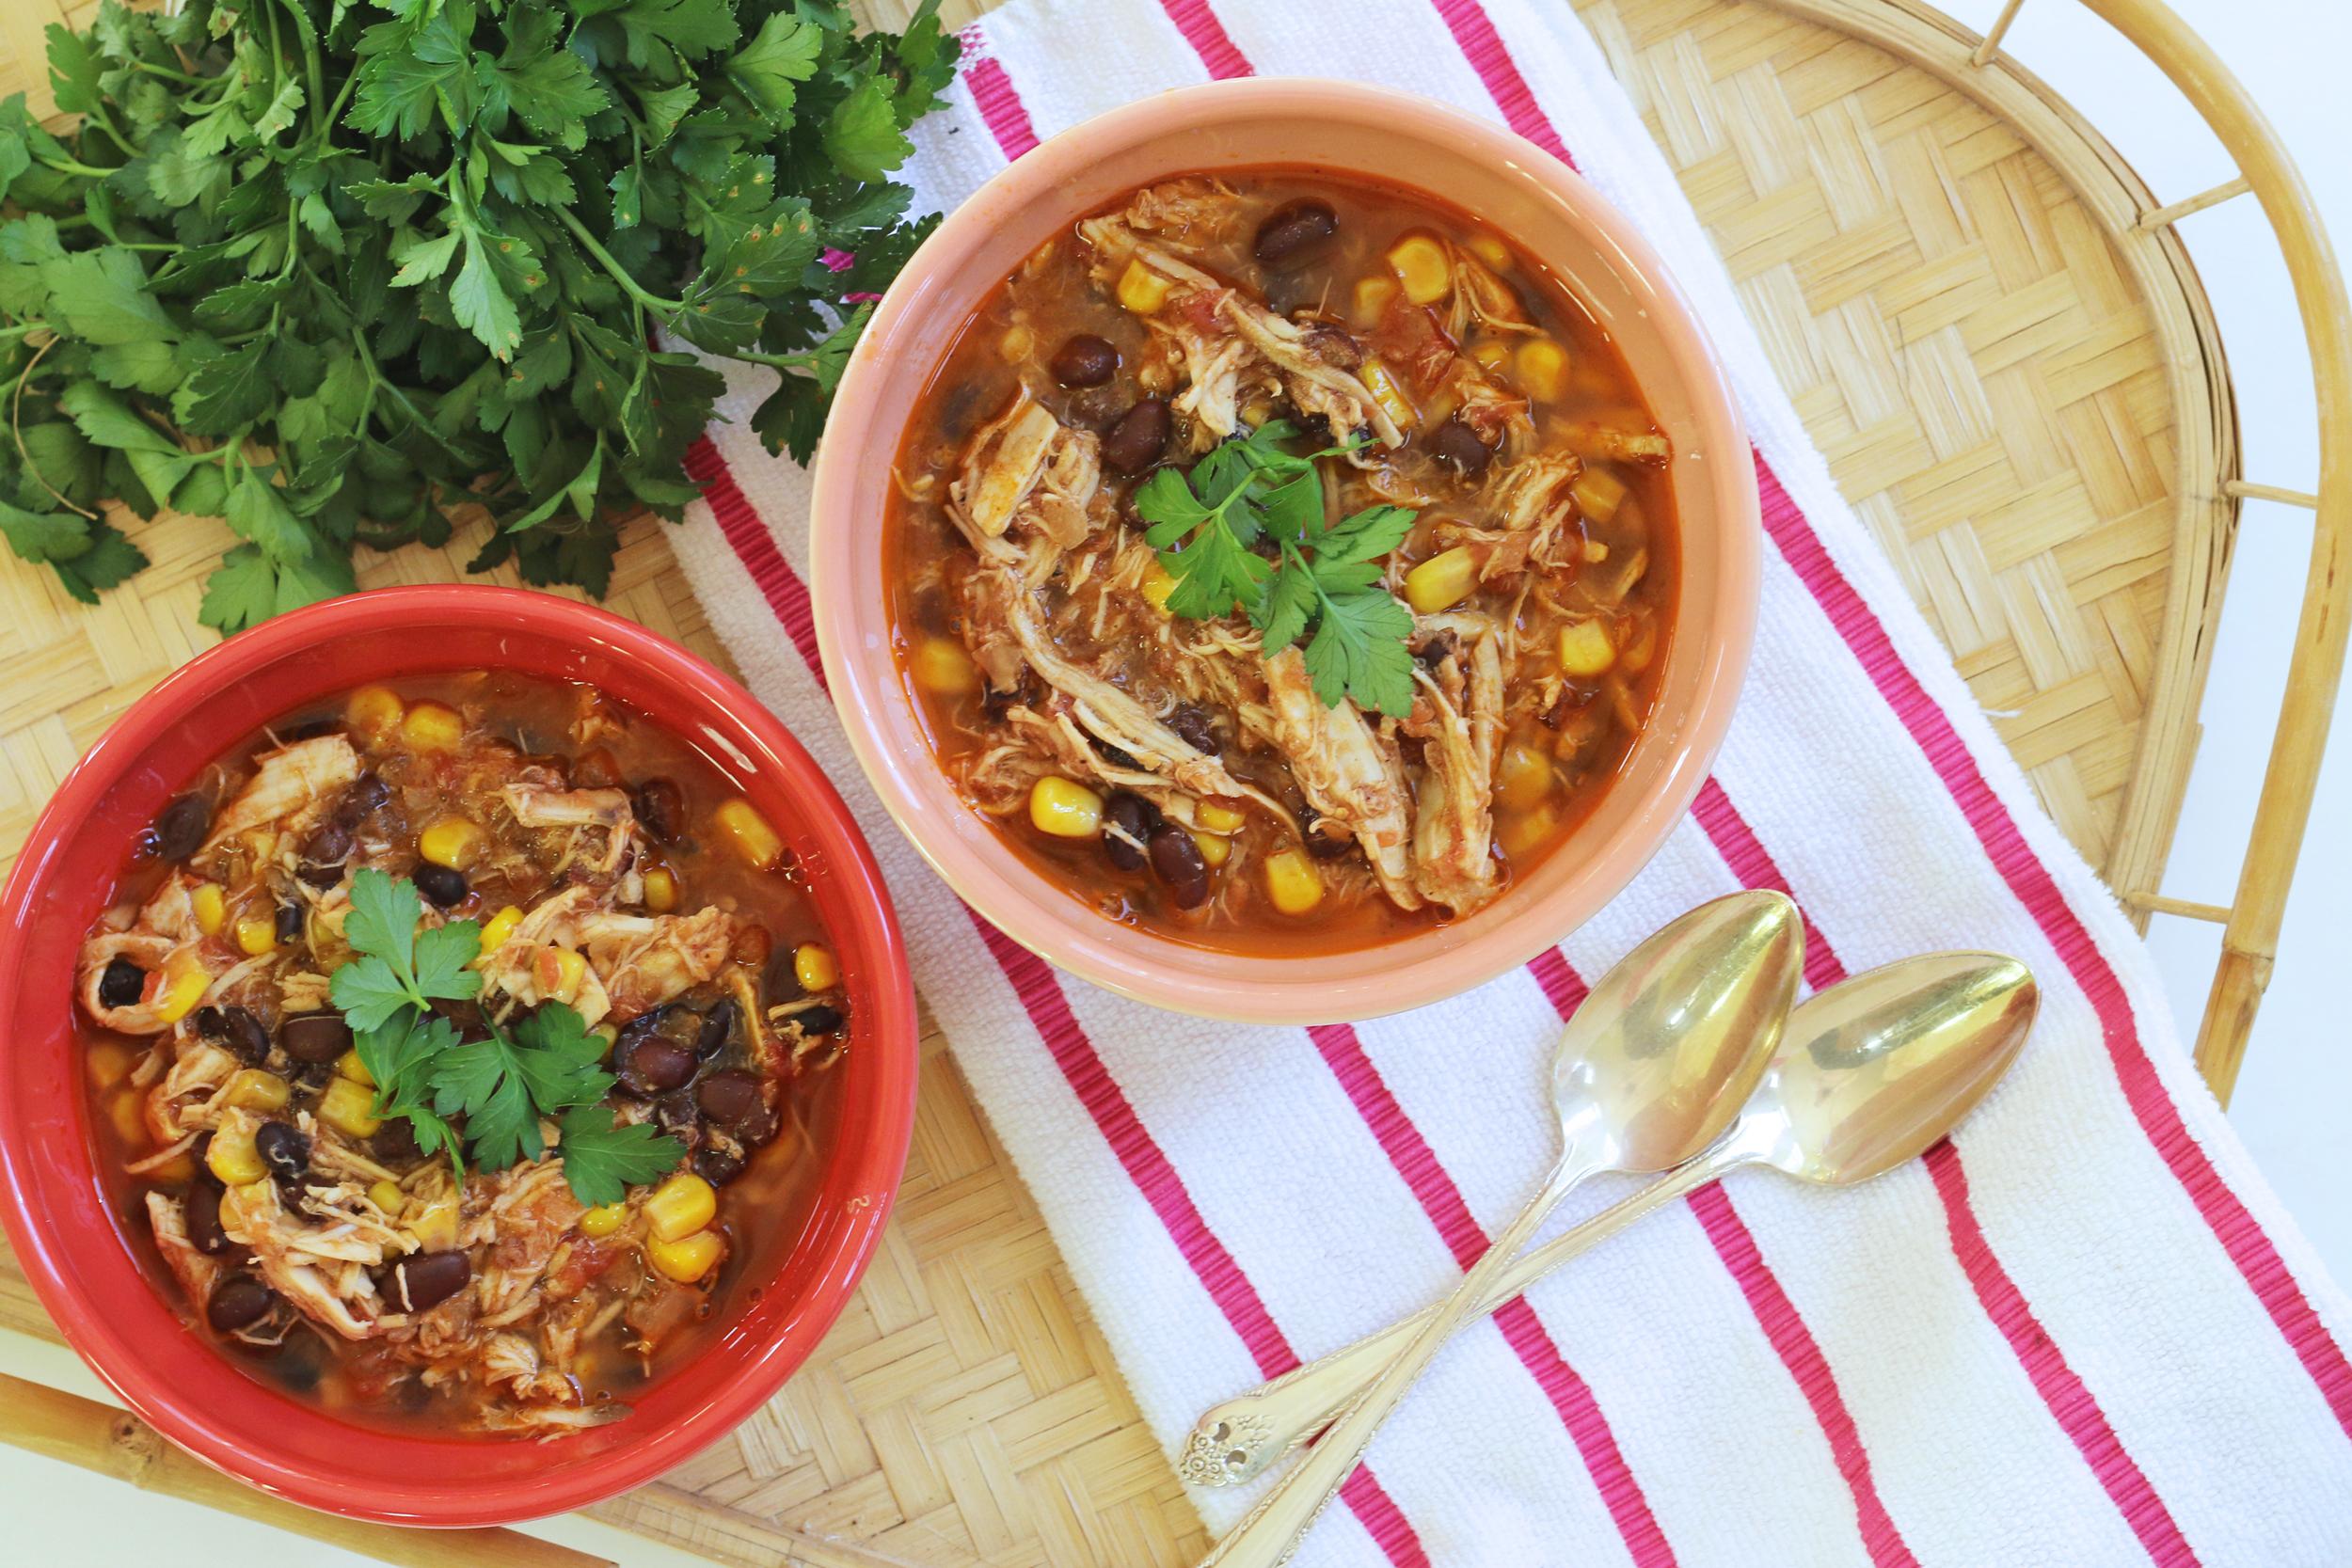 healthy-chicken-tortilla-soup-recipe.jpg